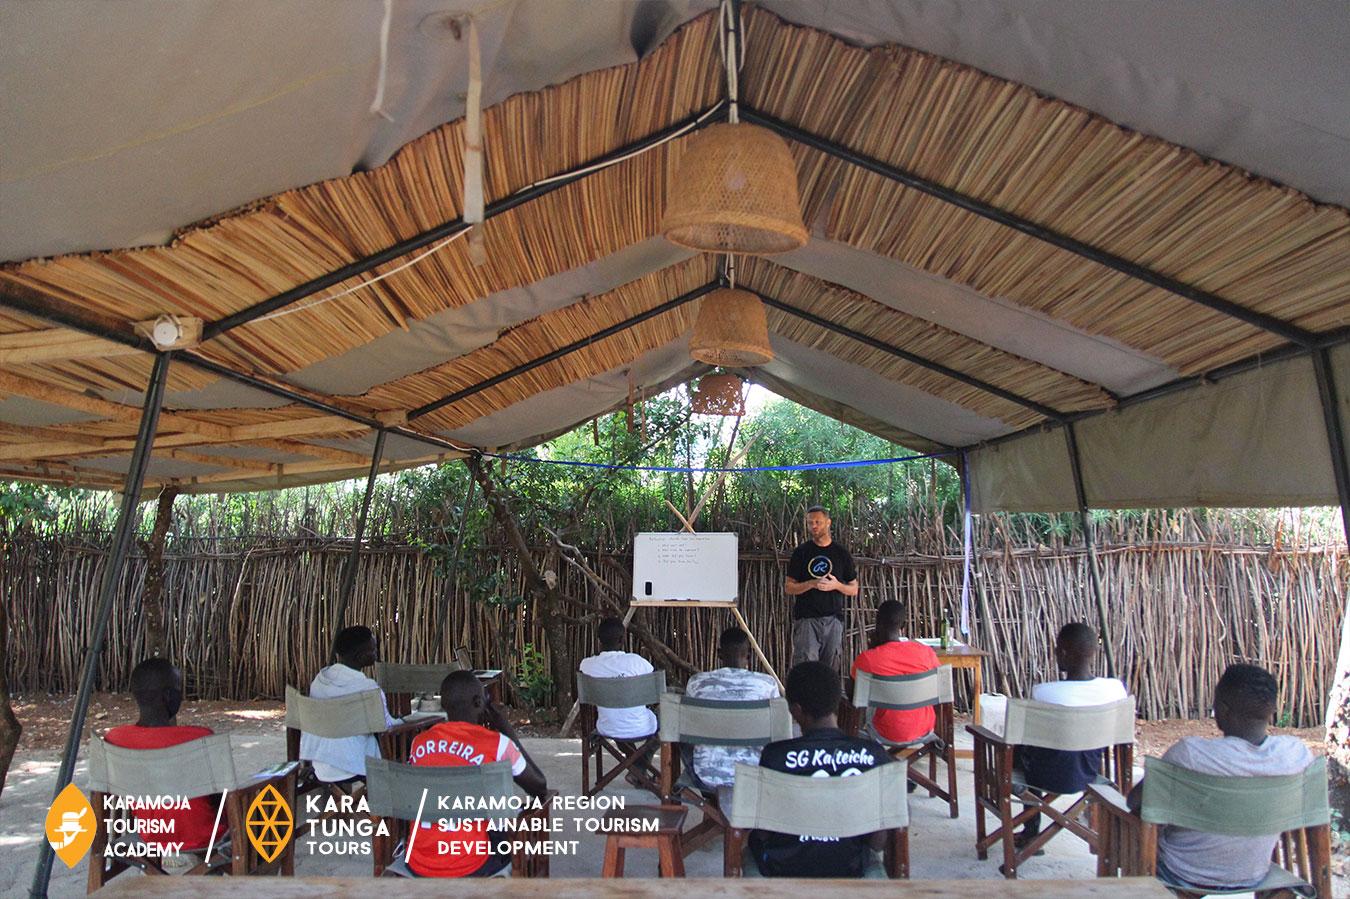 kara-tunga-karamoja-uganda-tours-moroto-hiking-guides-27